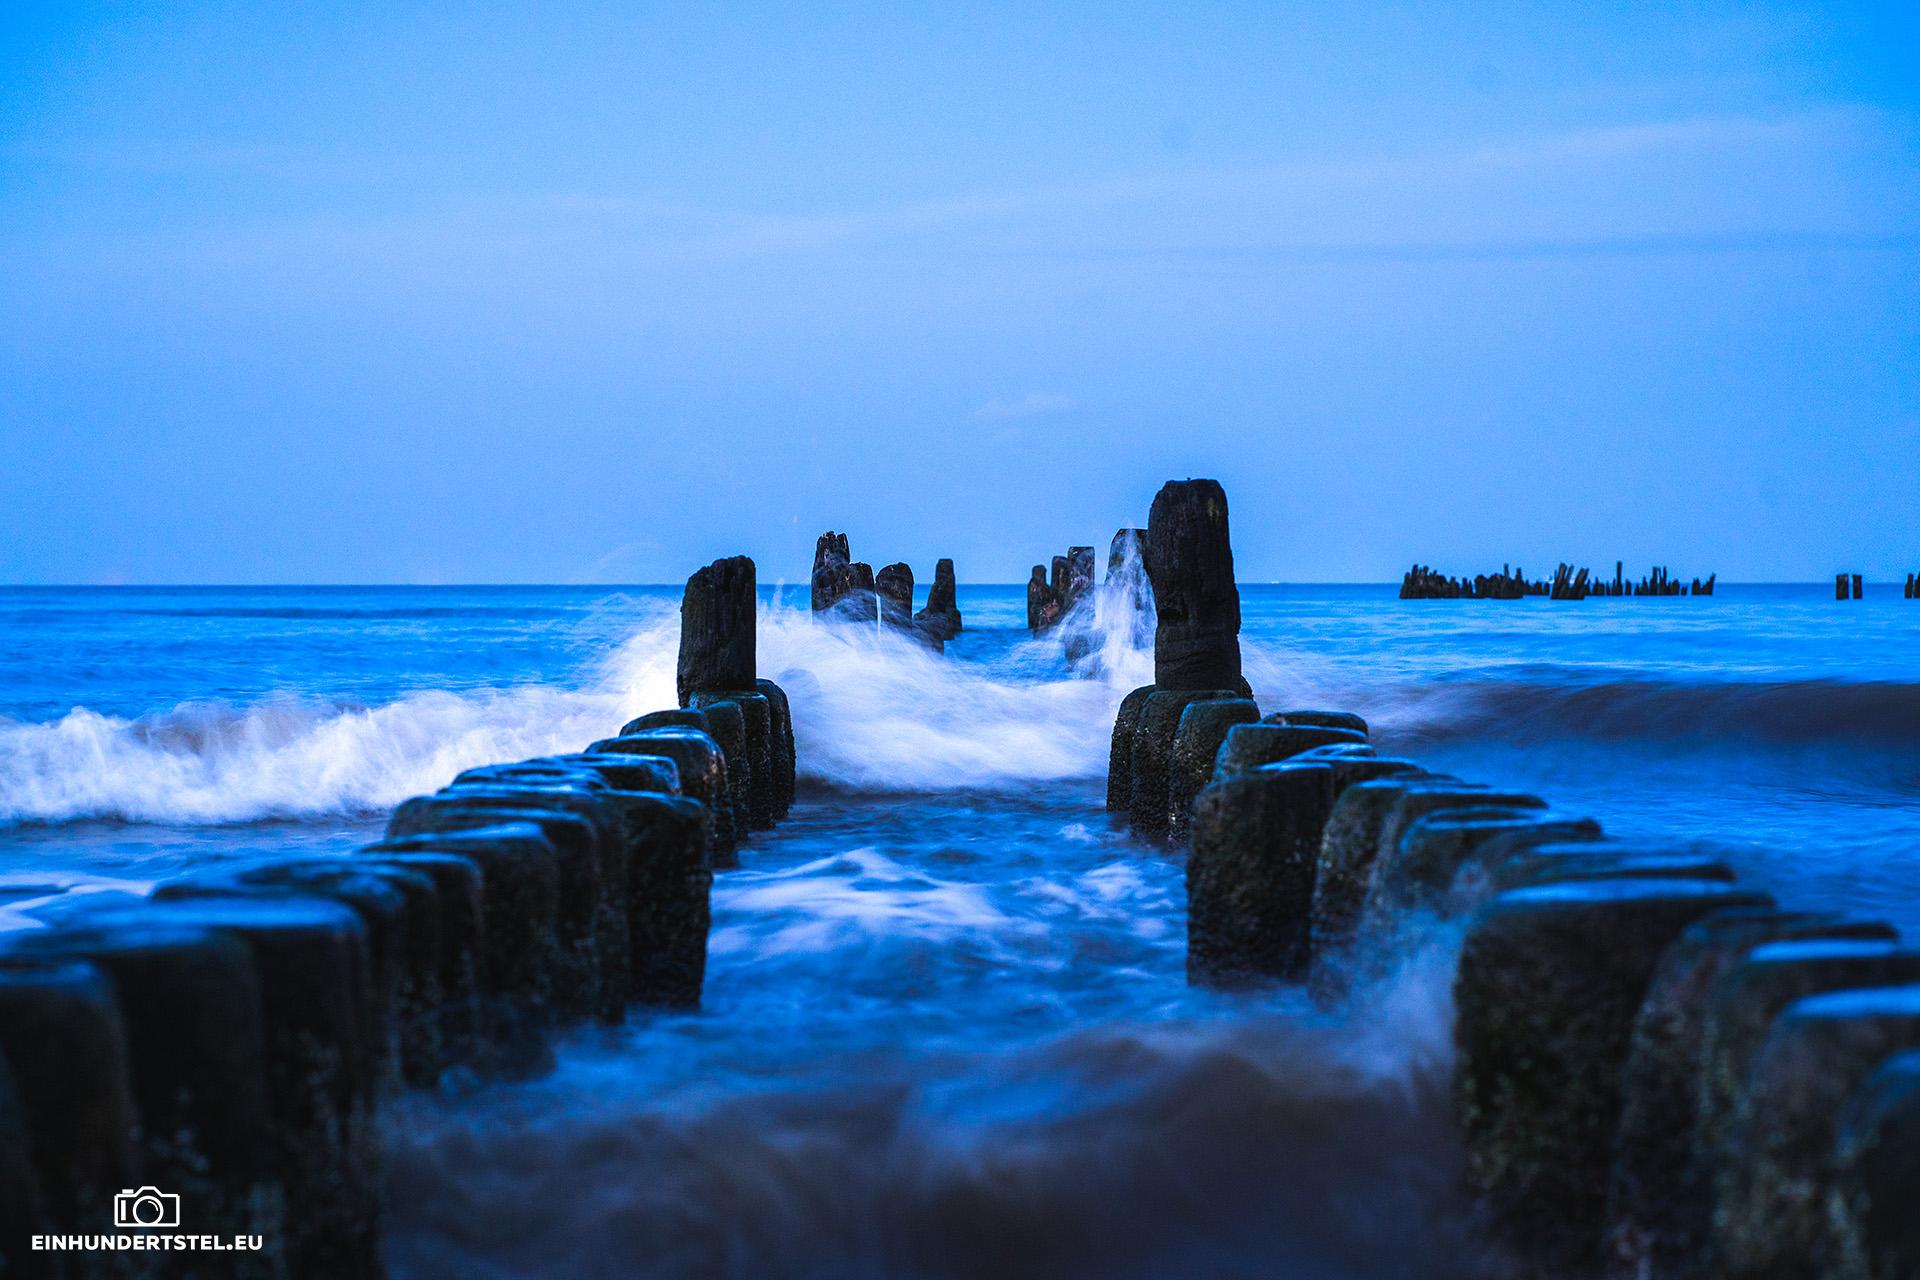 Wellenbreche bei der Seebrücke in Heringsdorf auf Usedom zur blauen Stunde.